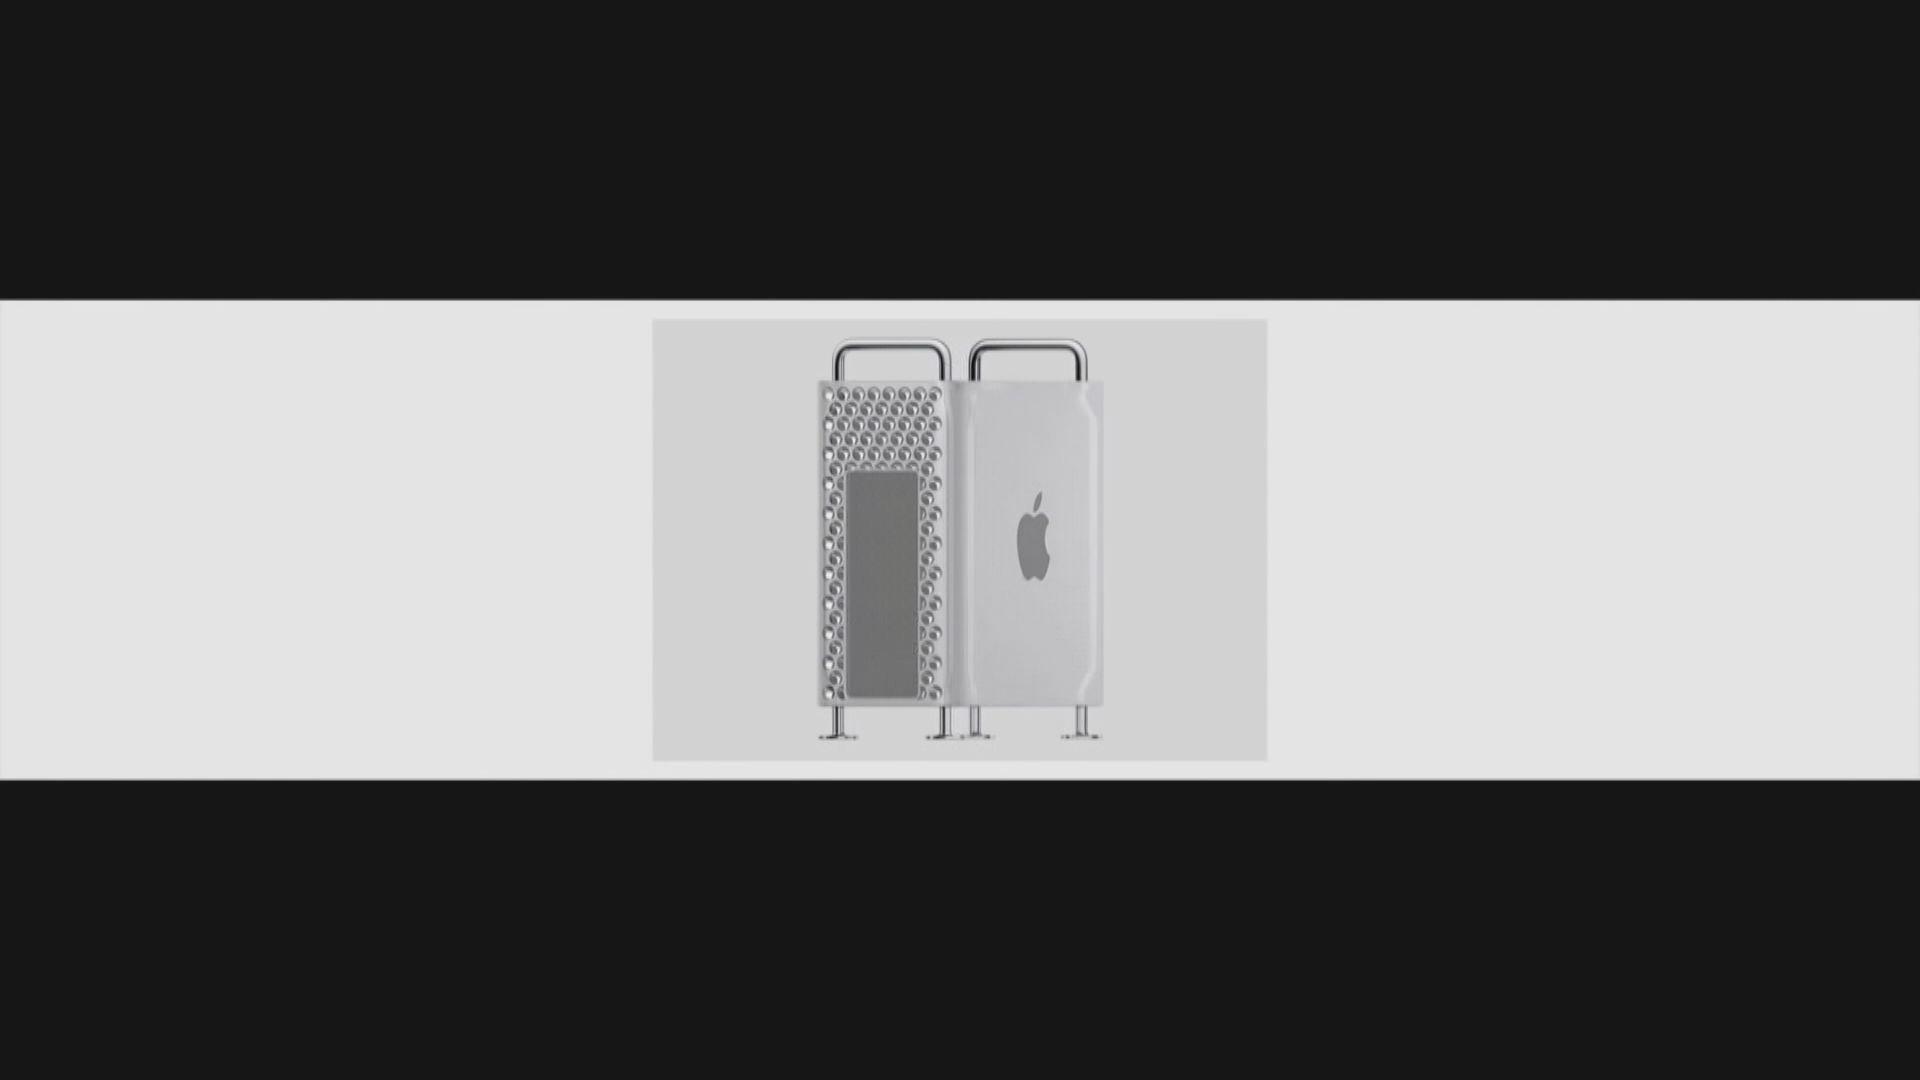 【為慳關稅?】蘋果新Mac Pro轉到德州生產